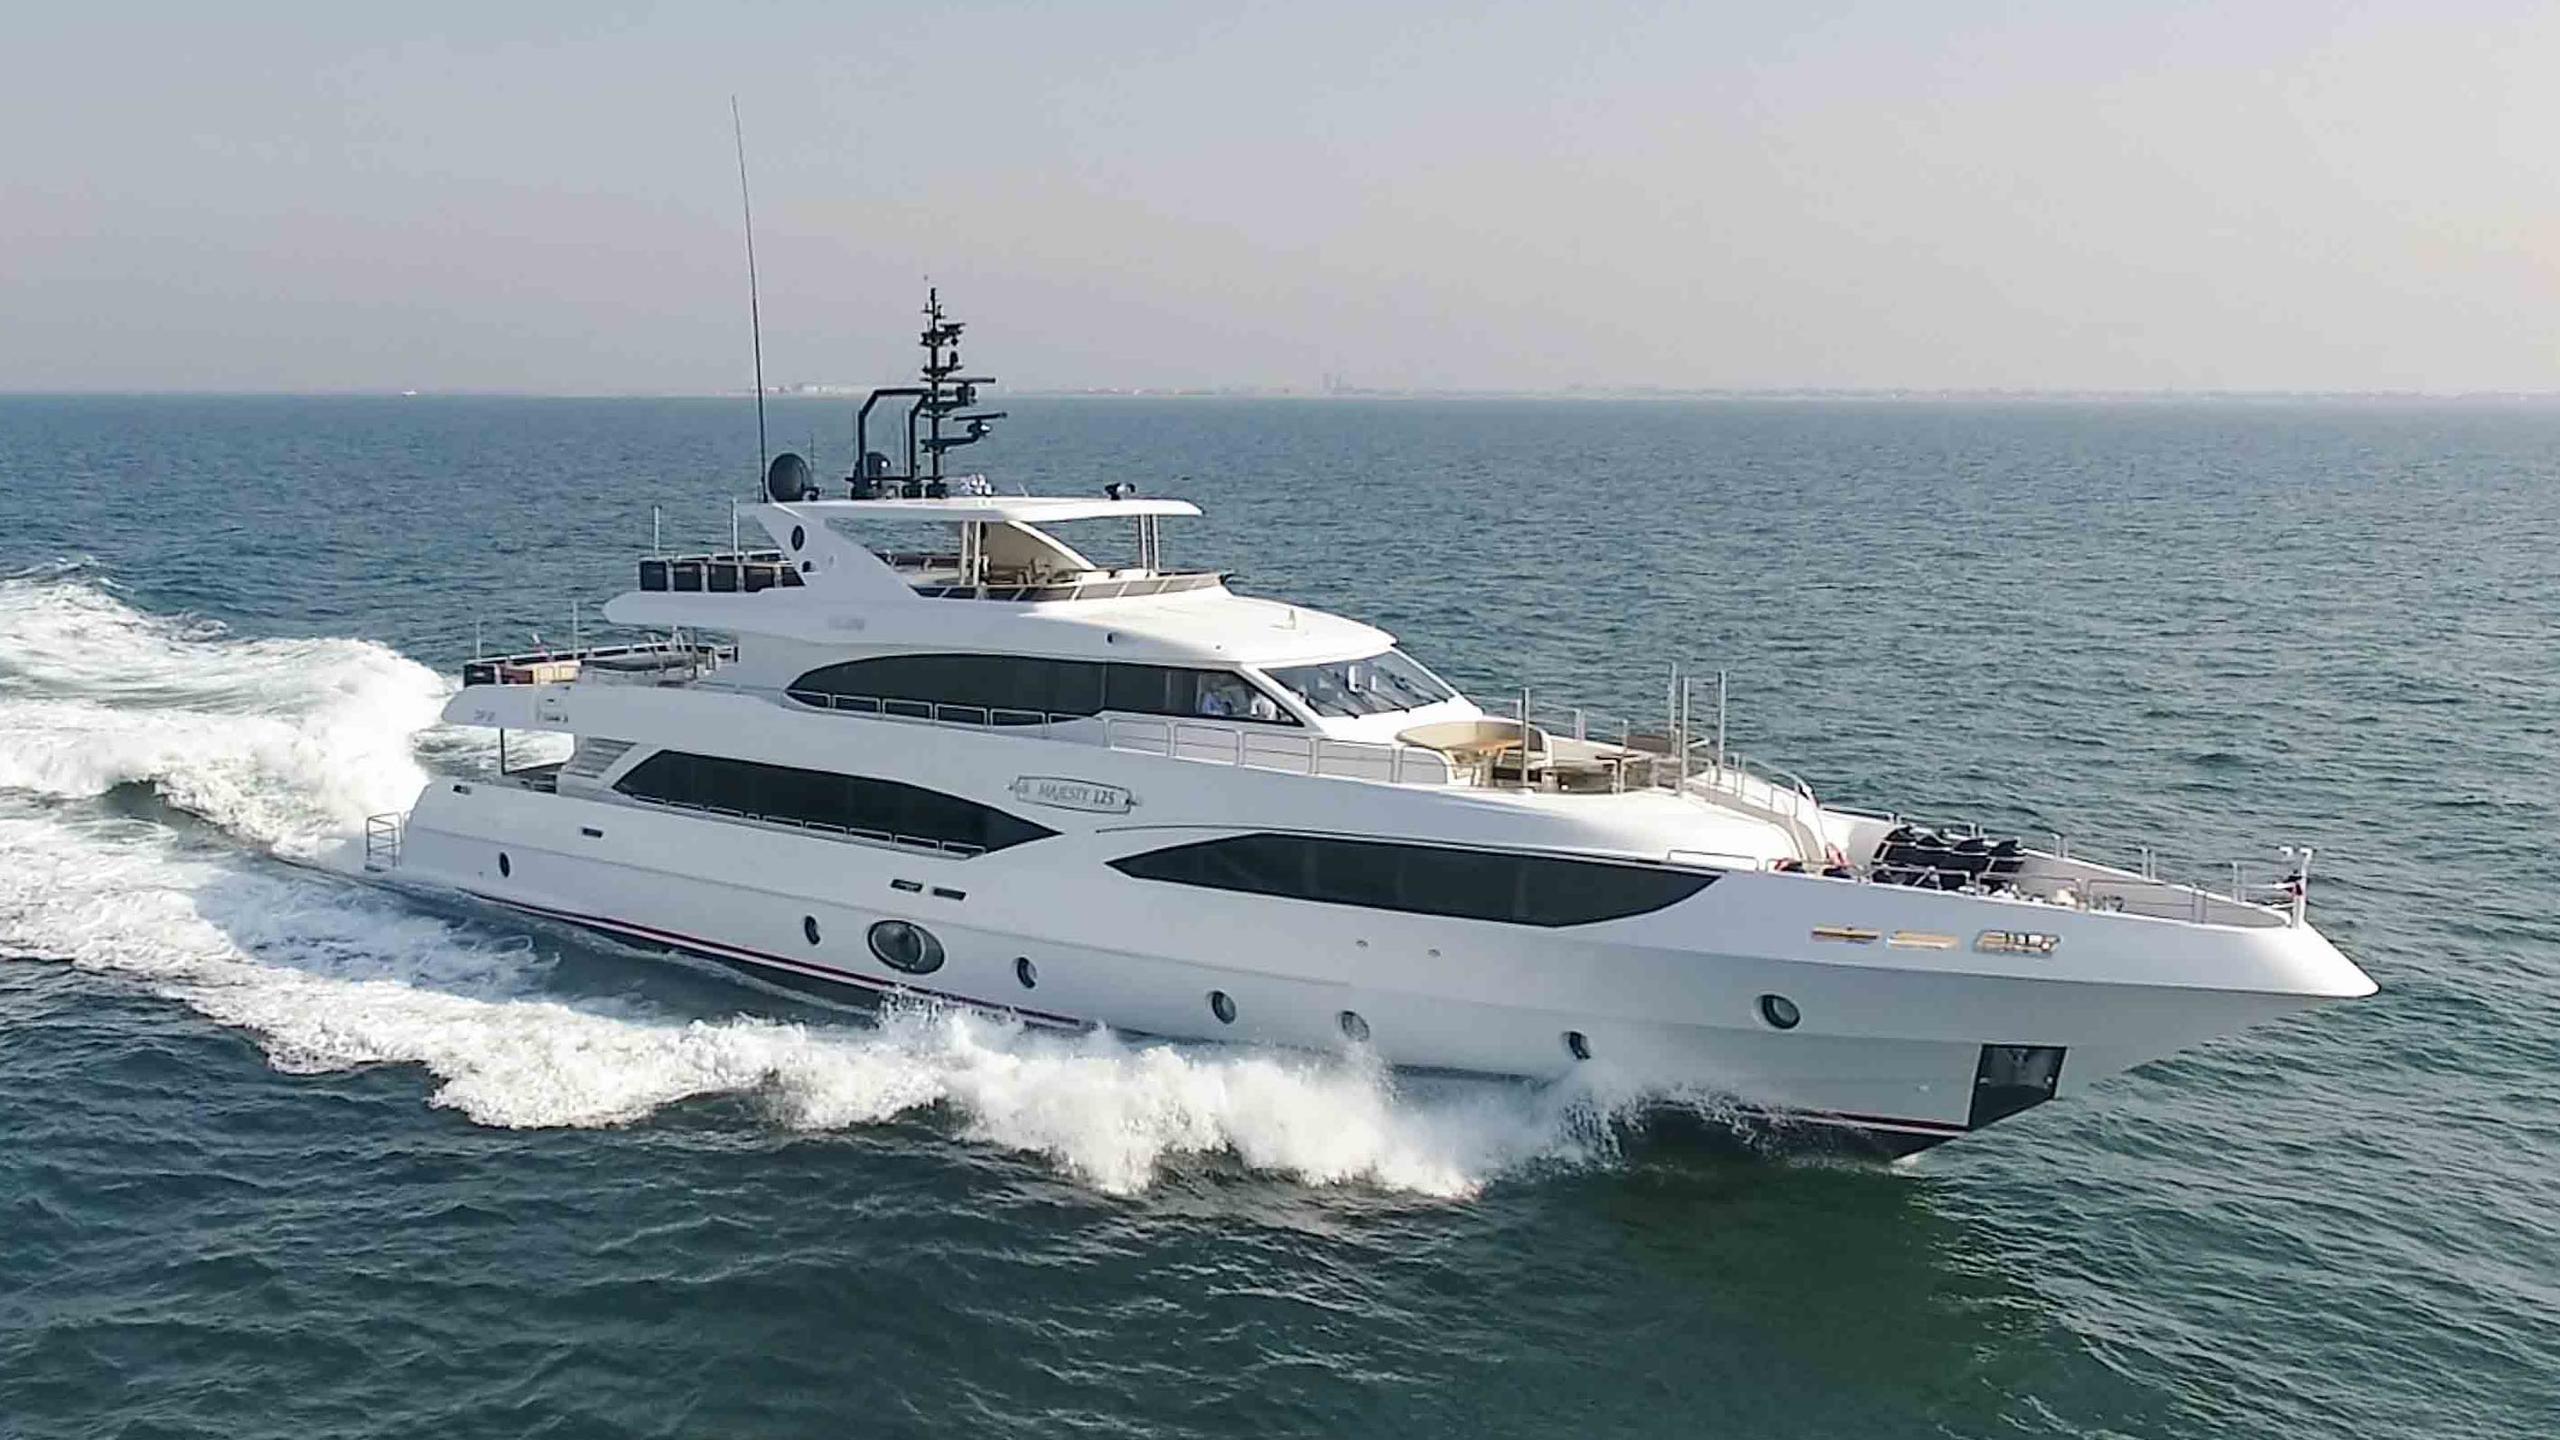 bliss motoryacht gulf craft majesty 125 39m 2017 half profile sistership